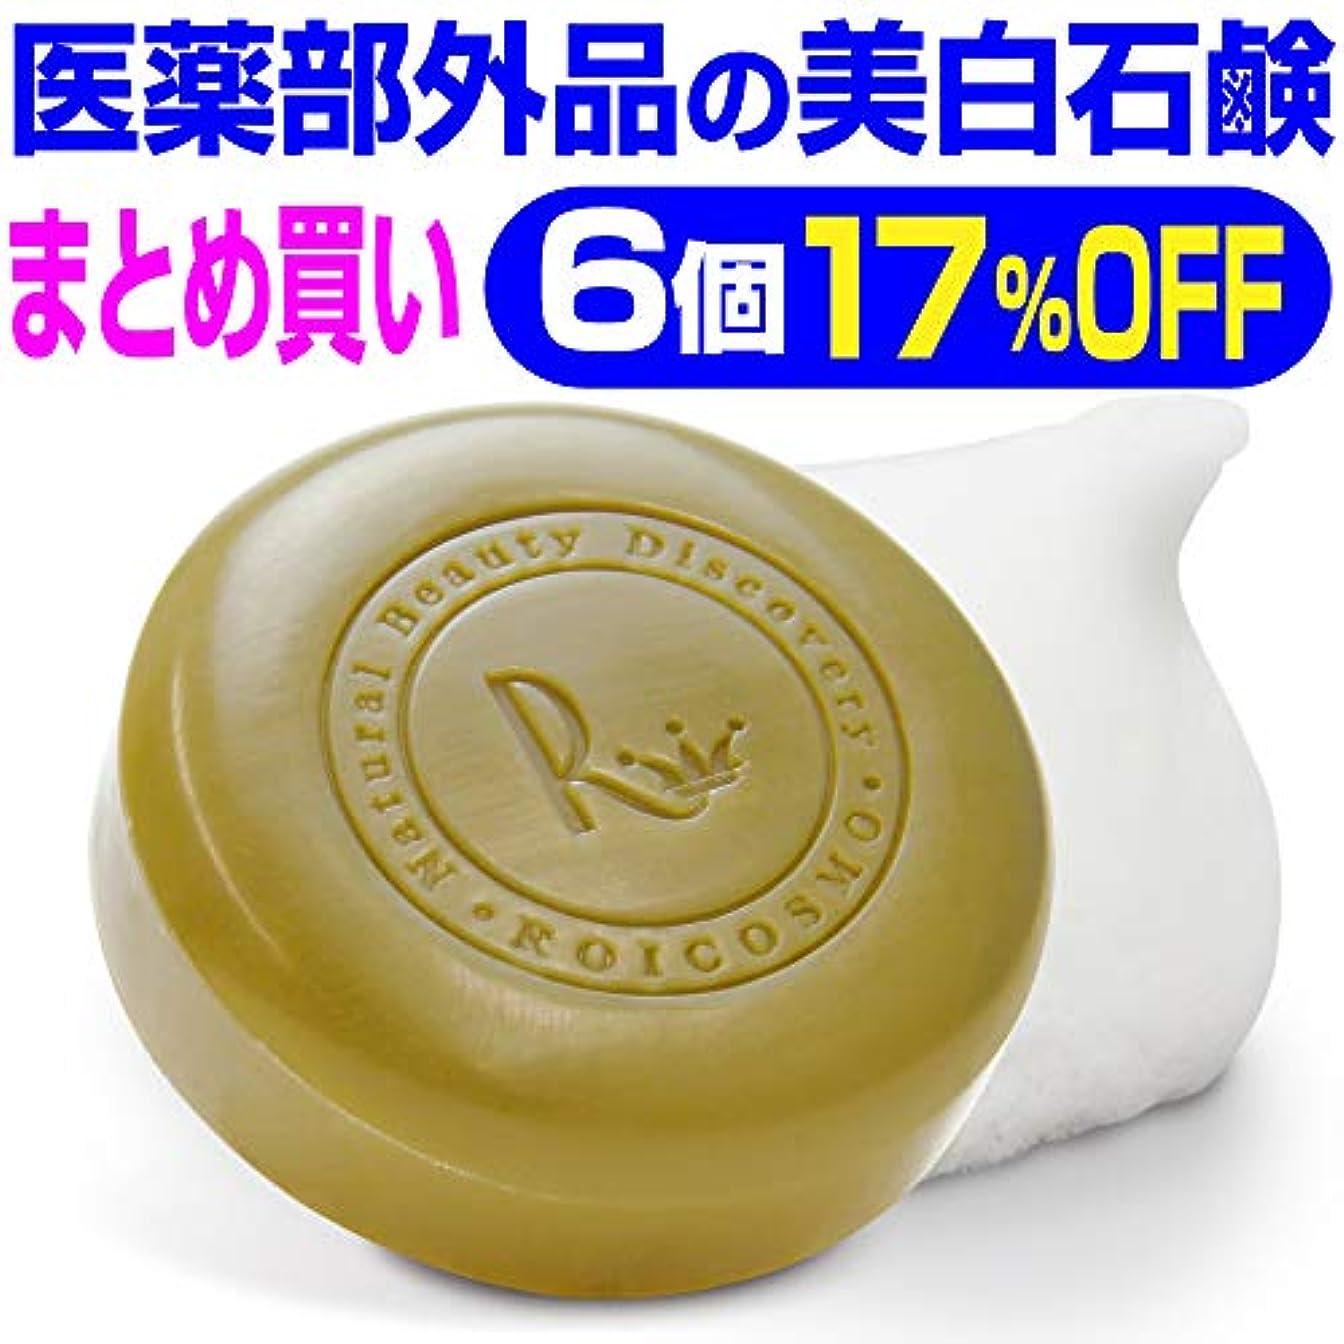 進行中優れました縫い目6個まとめ買い17%OFF 美白石鹸/ビタミンC270倍の美白成分配合の 洗顔石鹸『ホワイトソープ100g×6個』